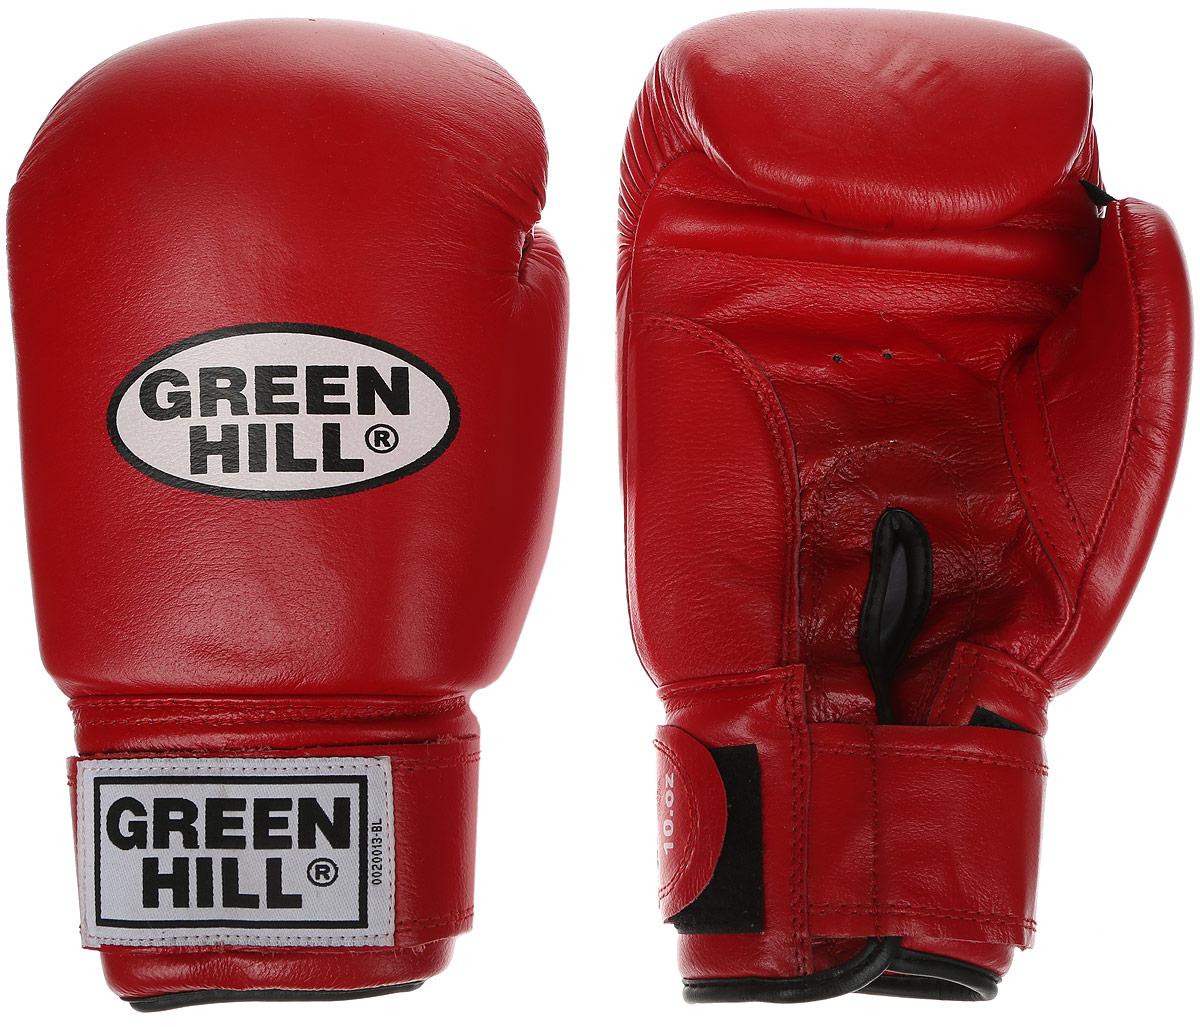 Перчатки боксерские Green Hill Super Star, цвет: красный, белый. Вес 14 унций. BGS-1213сBGPS-2012Боксерские перчатки Green Hill Super Star предназначены для использования профессионалами. Подойдут для спаррингов и соревнований. Верх выполнен из натуральной кожи, наполнитель - из вспененного полимера. Отверстие в области ладони позволяет создать максимально комфортный терморежим во время занятий. Манжет на липучке способствует быстрому и удобному надеванию перчаток, плотно фиксирует перчатки на руке.